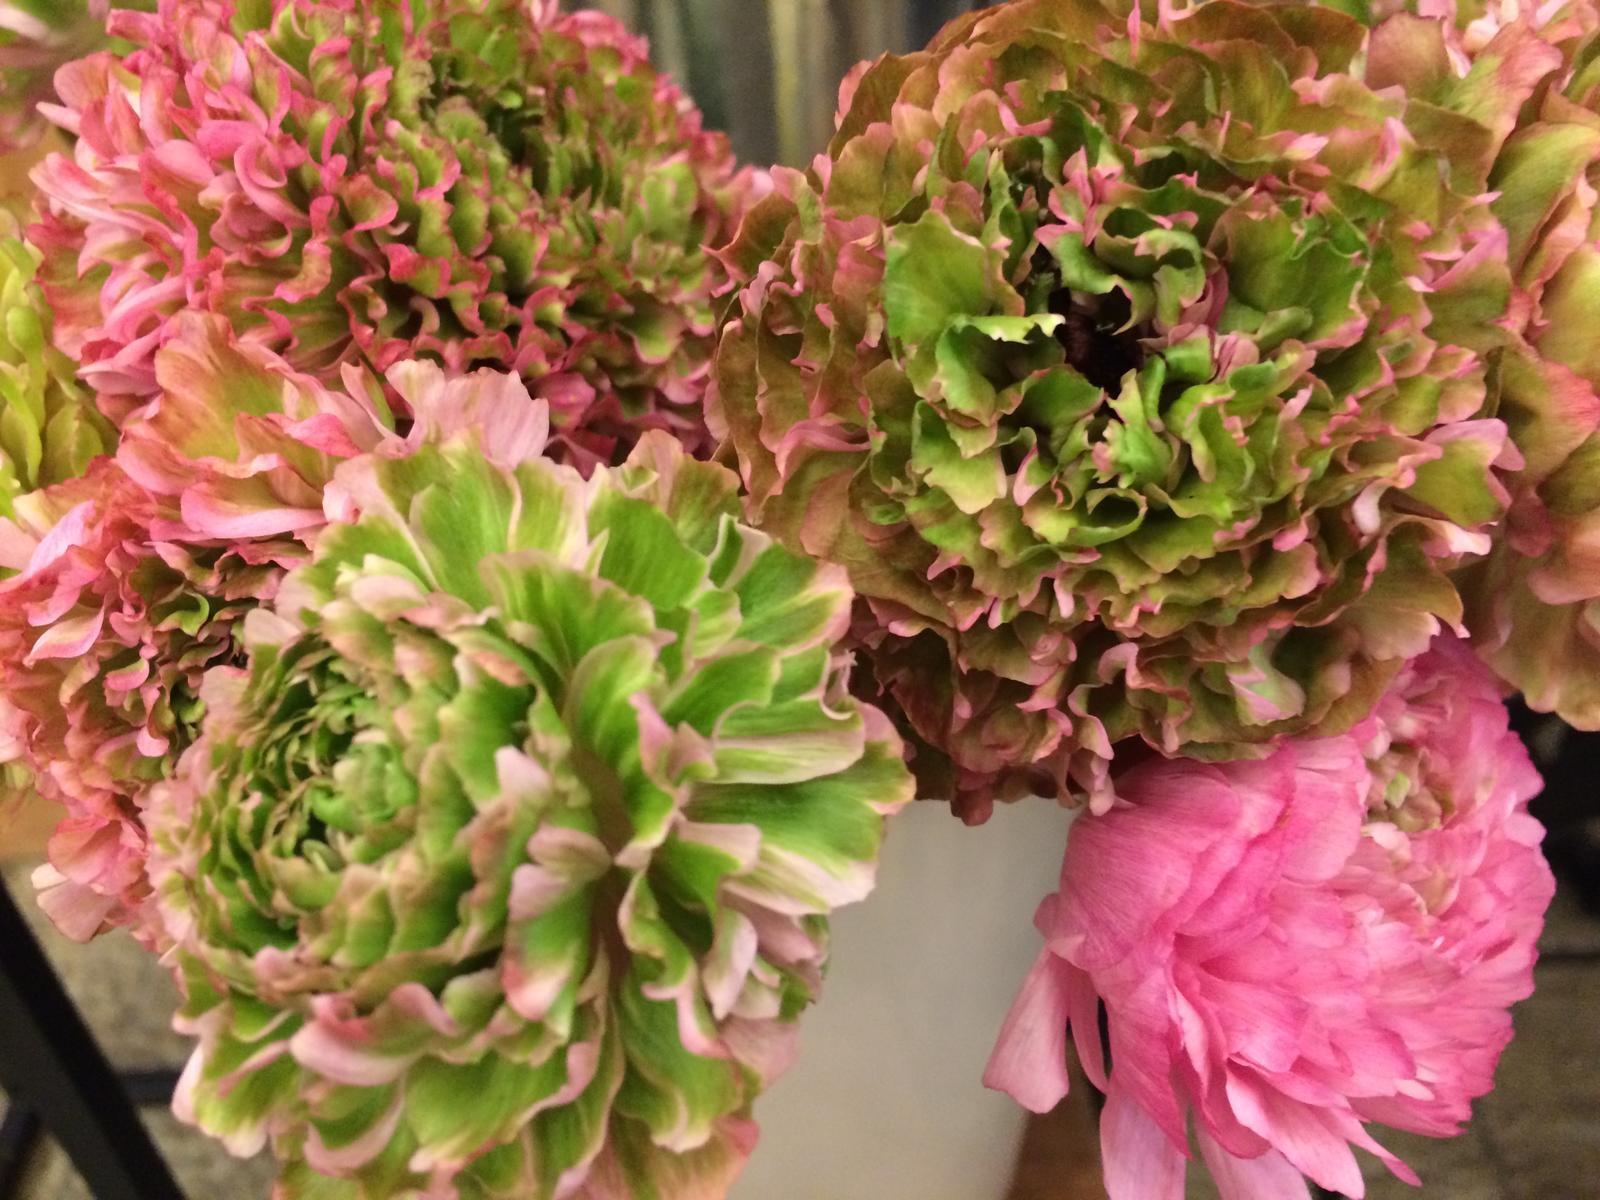 Dekorace z květin Pro radost - Pryskyřníky/ Ranunculus